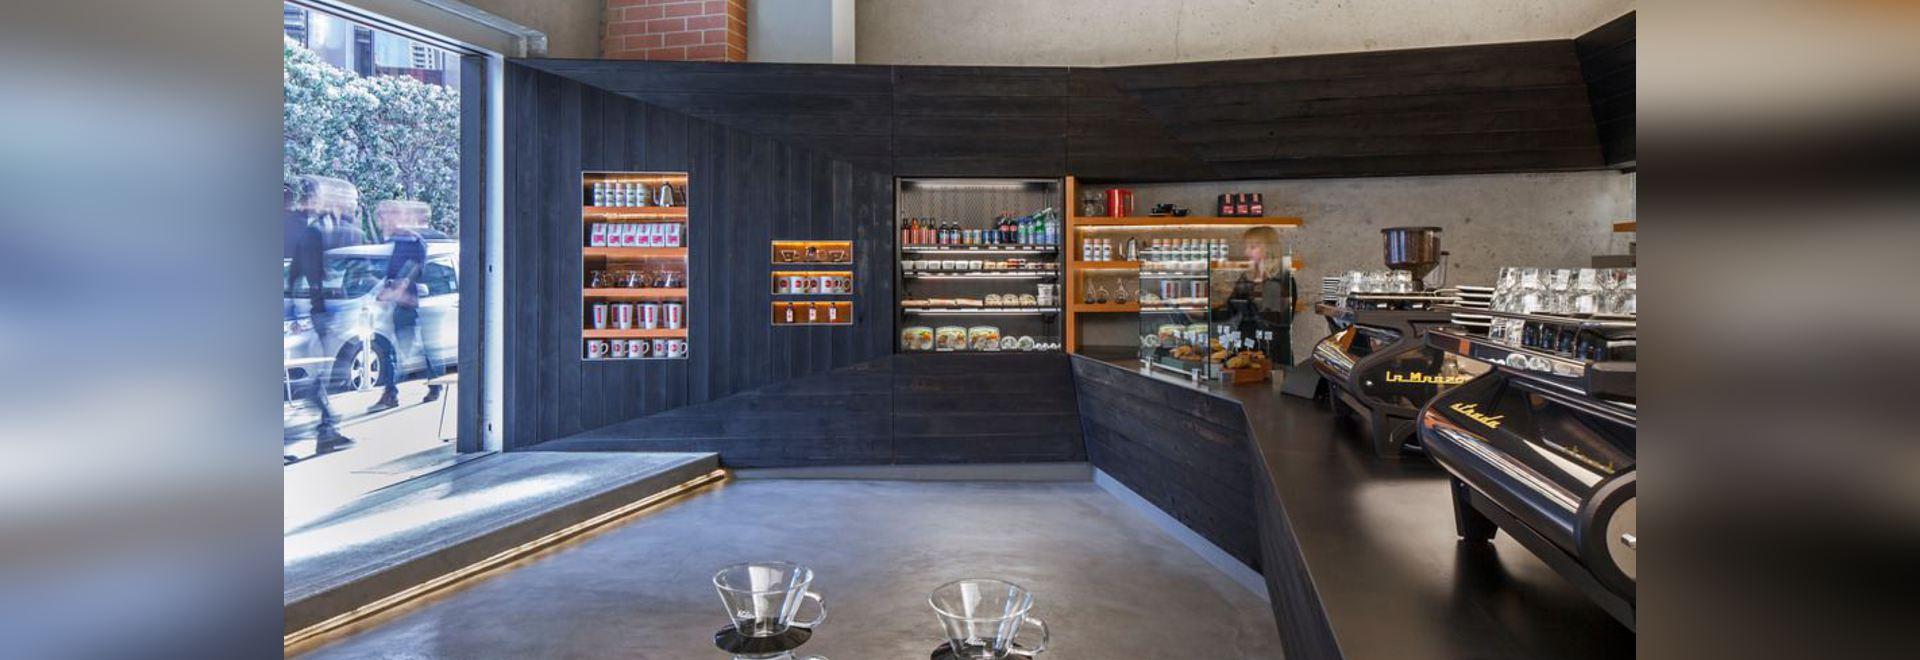 Coffee Bar Kearny